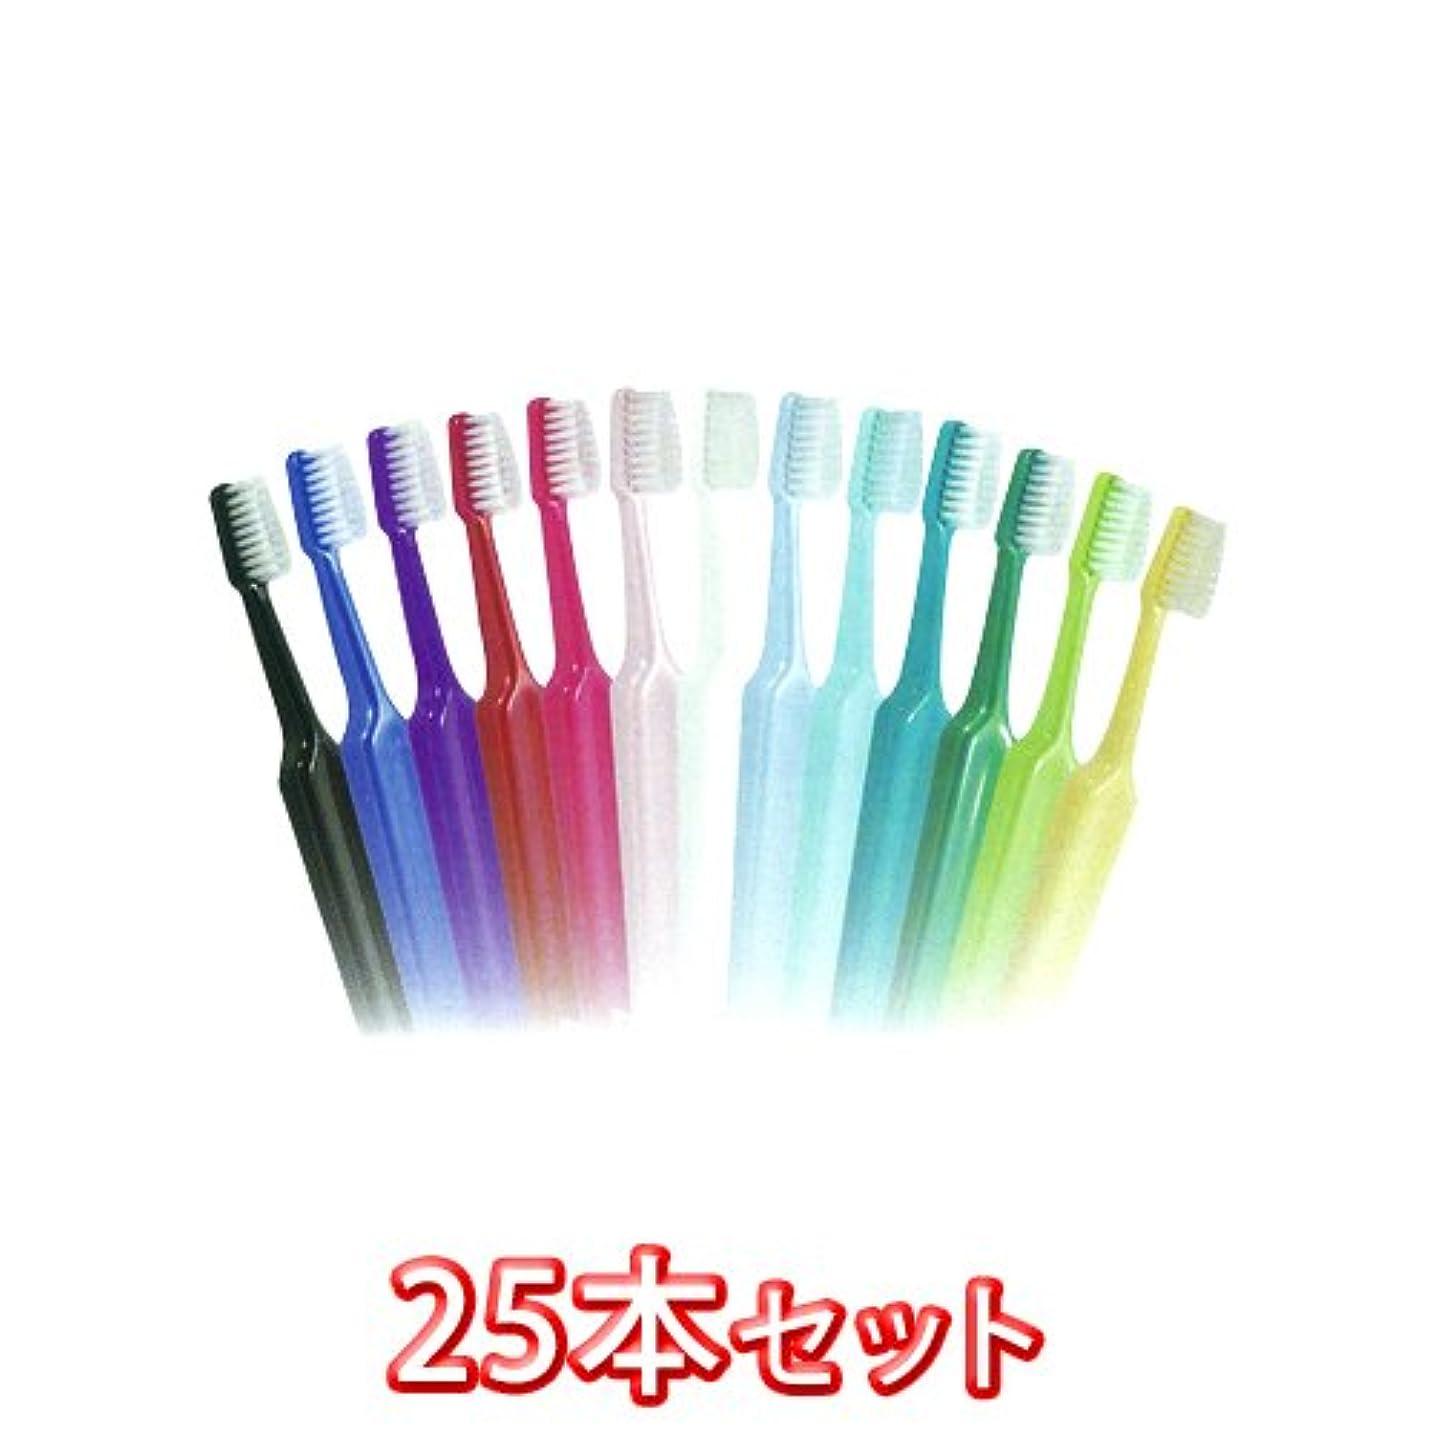 にでるレーザクロスフィールド TePe テペ セレクトミディアム 歯ブラシ 25本入